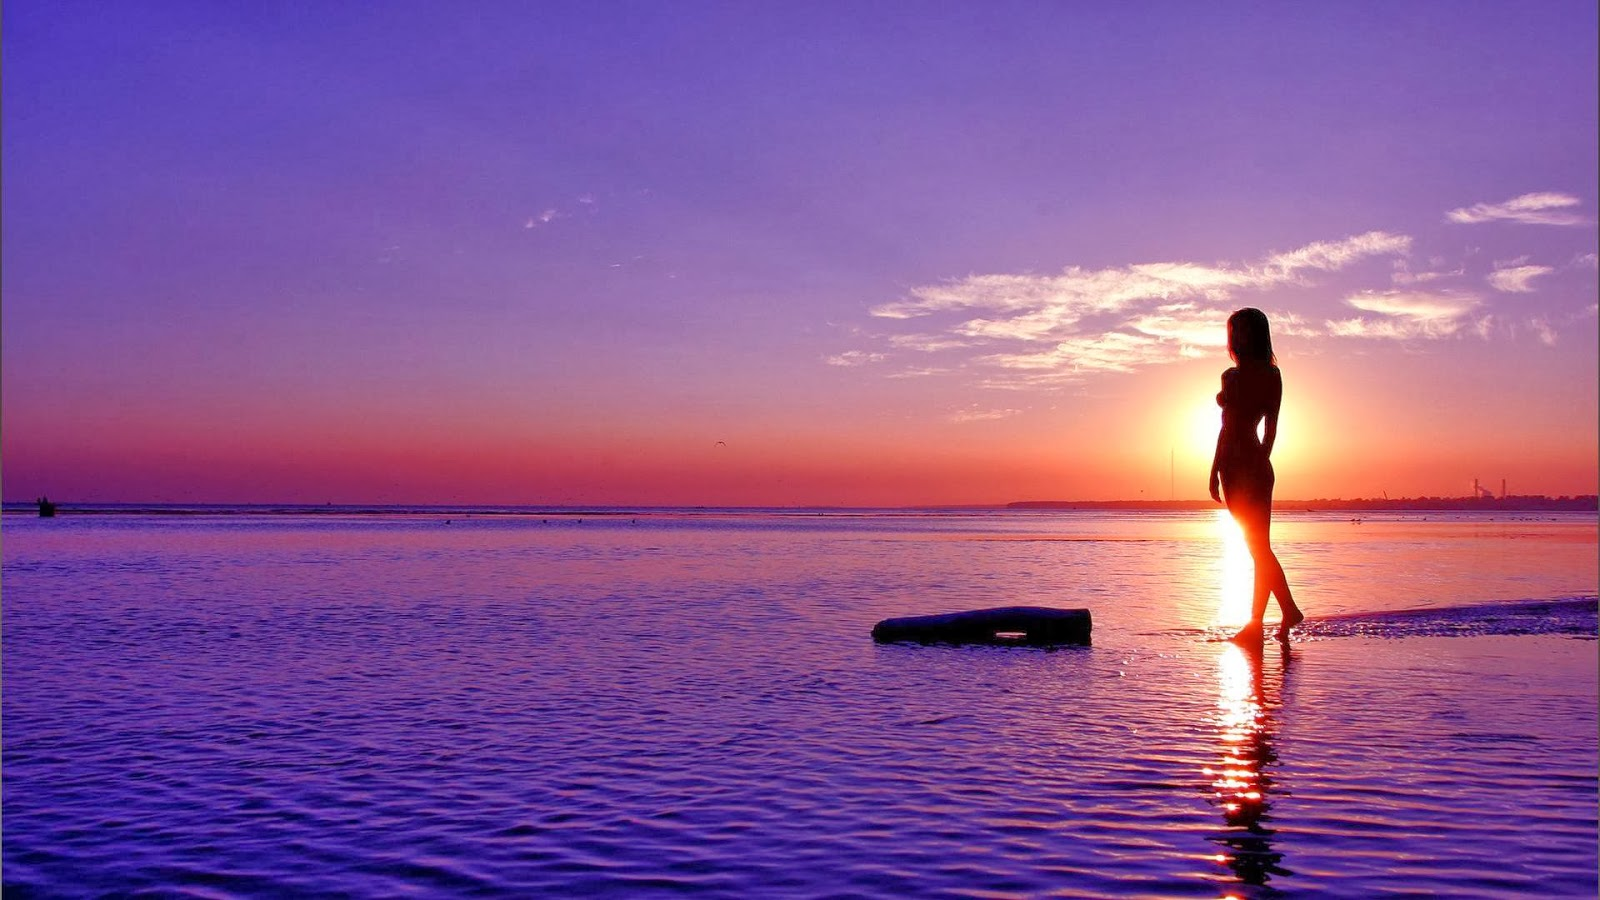 bing desktop wallpaper sunset - photo #22